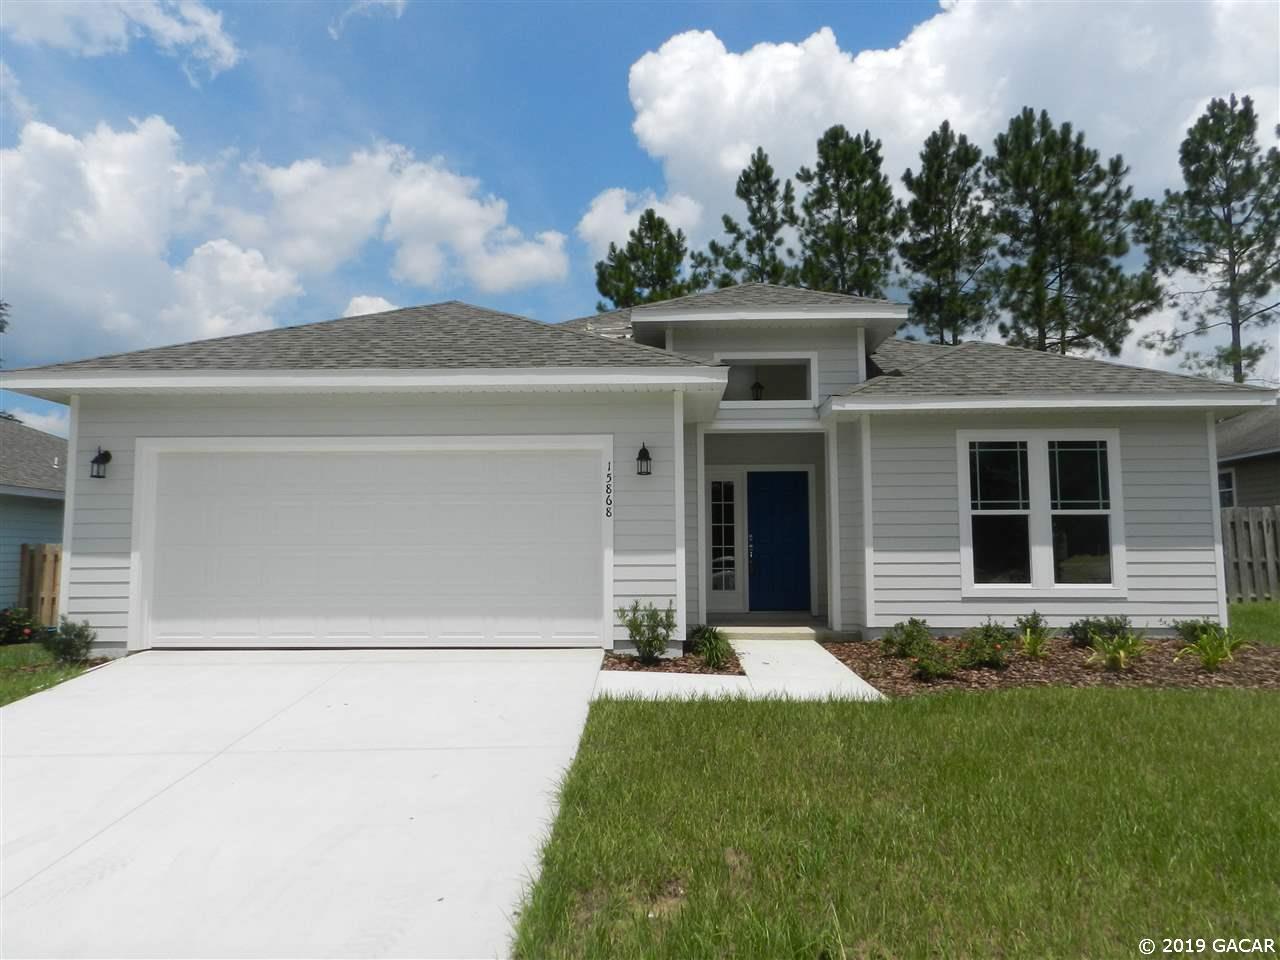 16289 NW 121st Lane, Alachua, Florida